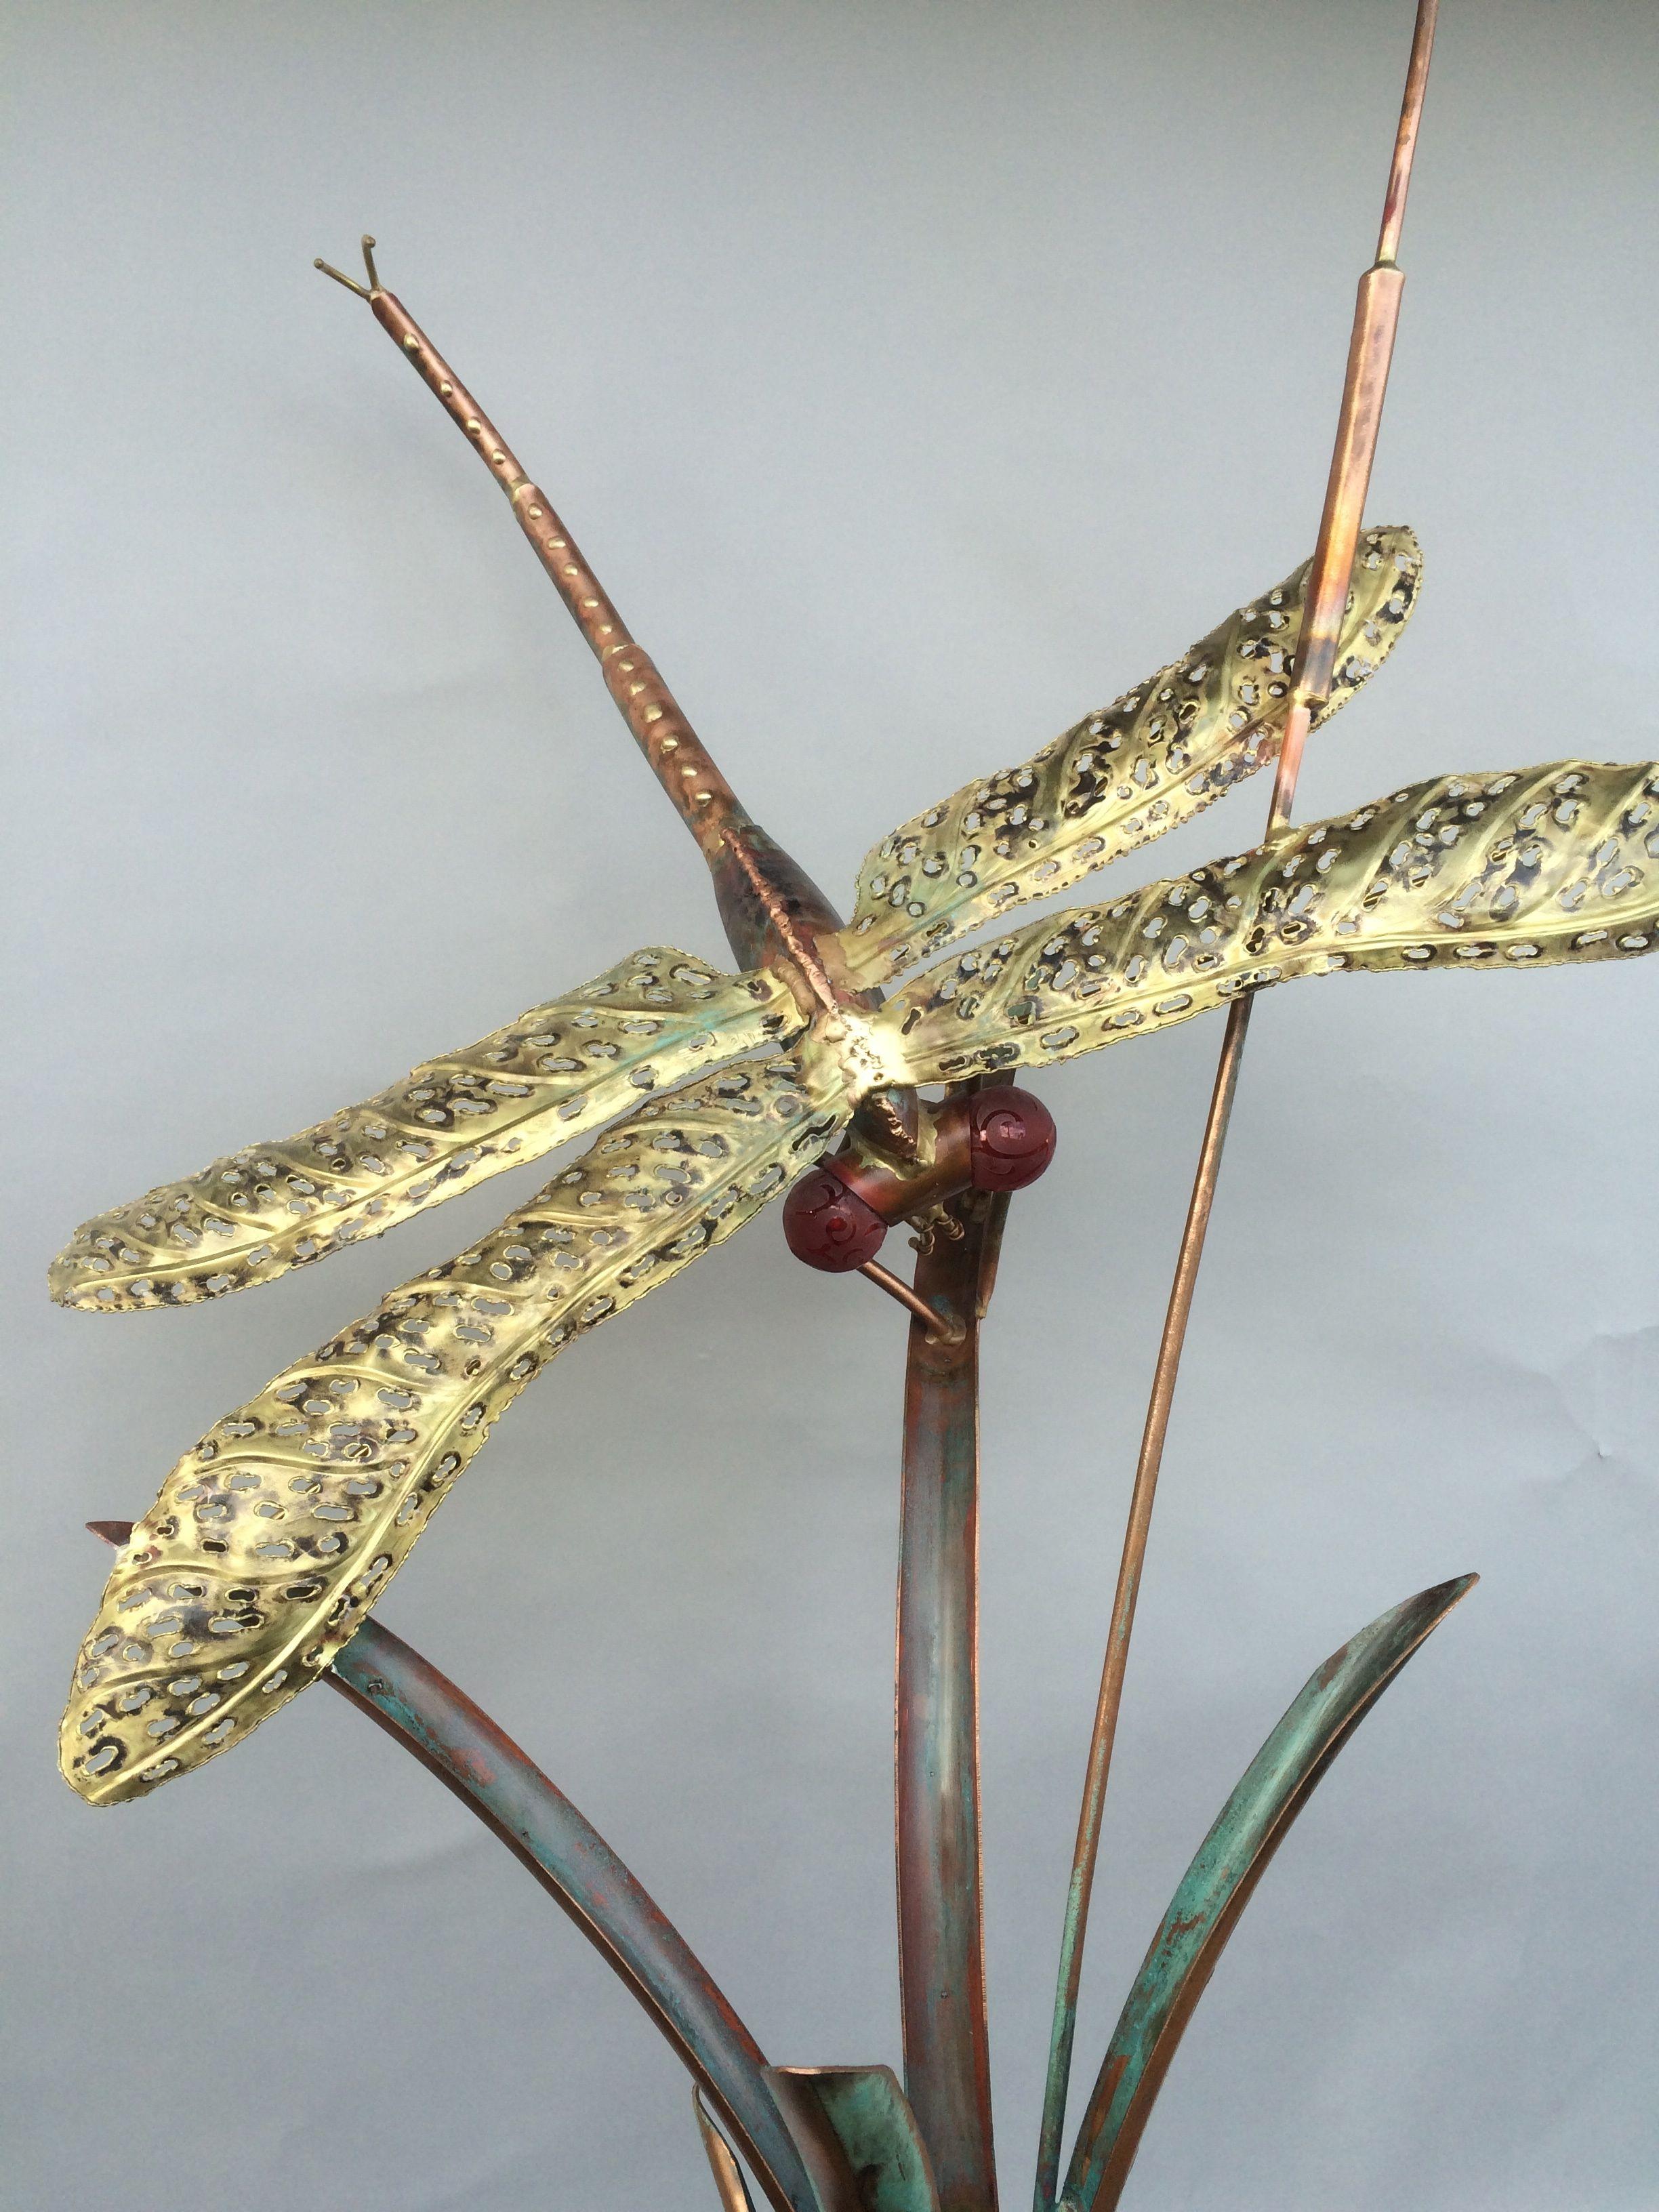 dragonfly_andersons_metal_sculpture.jpg